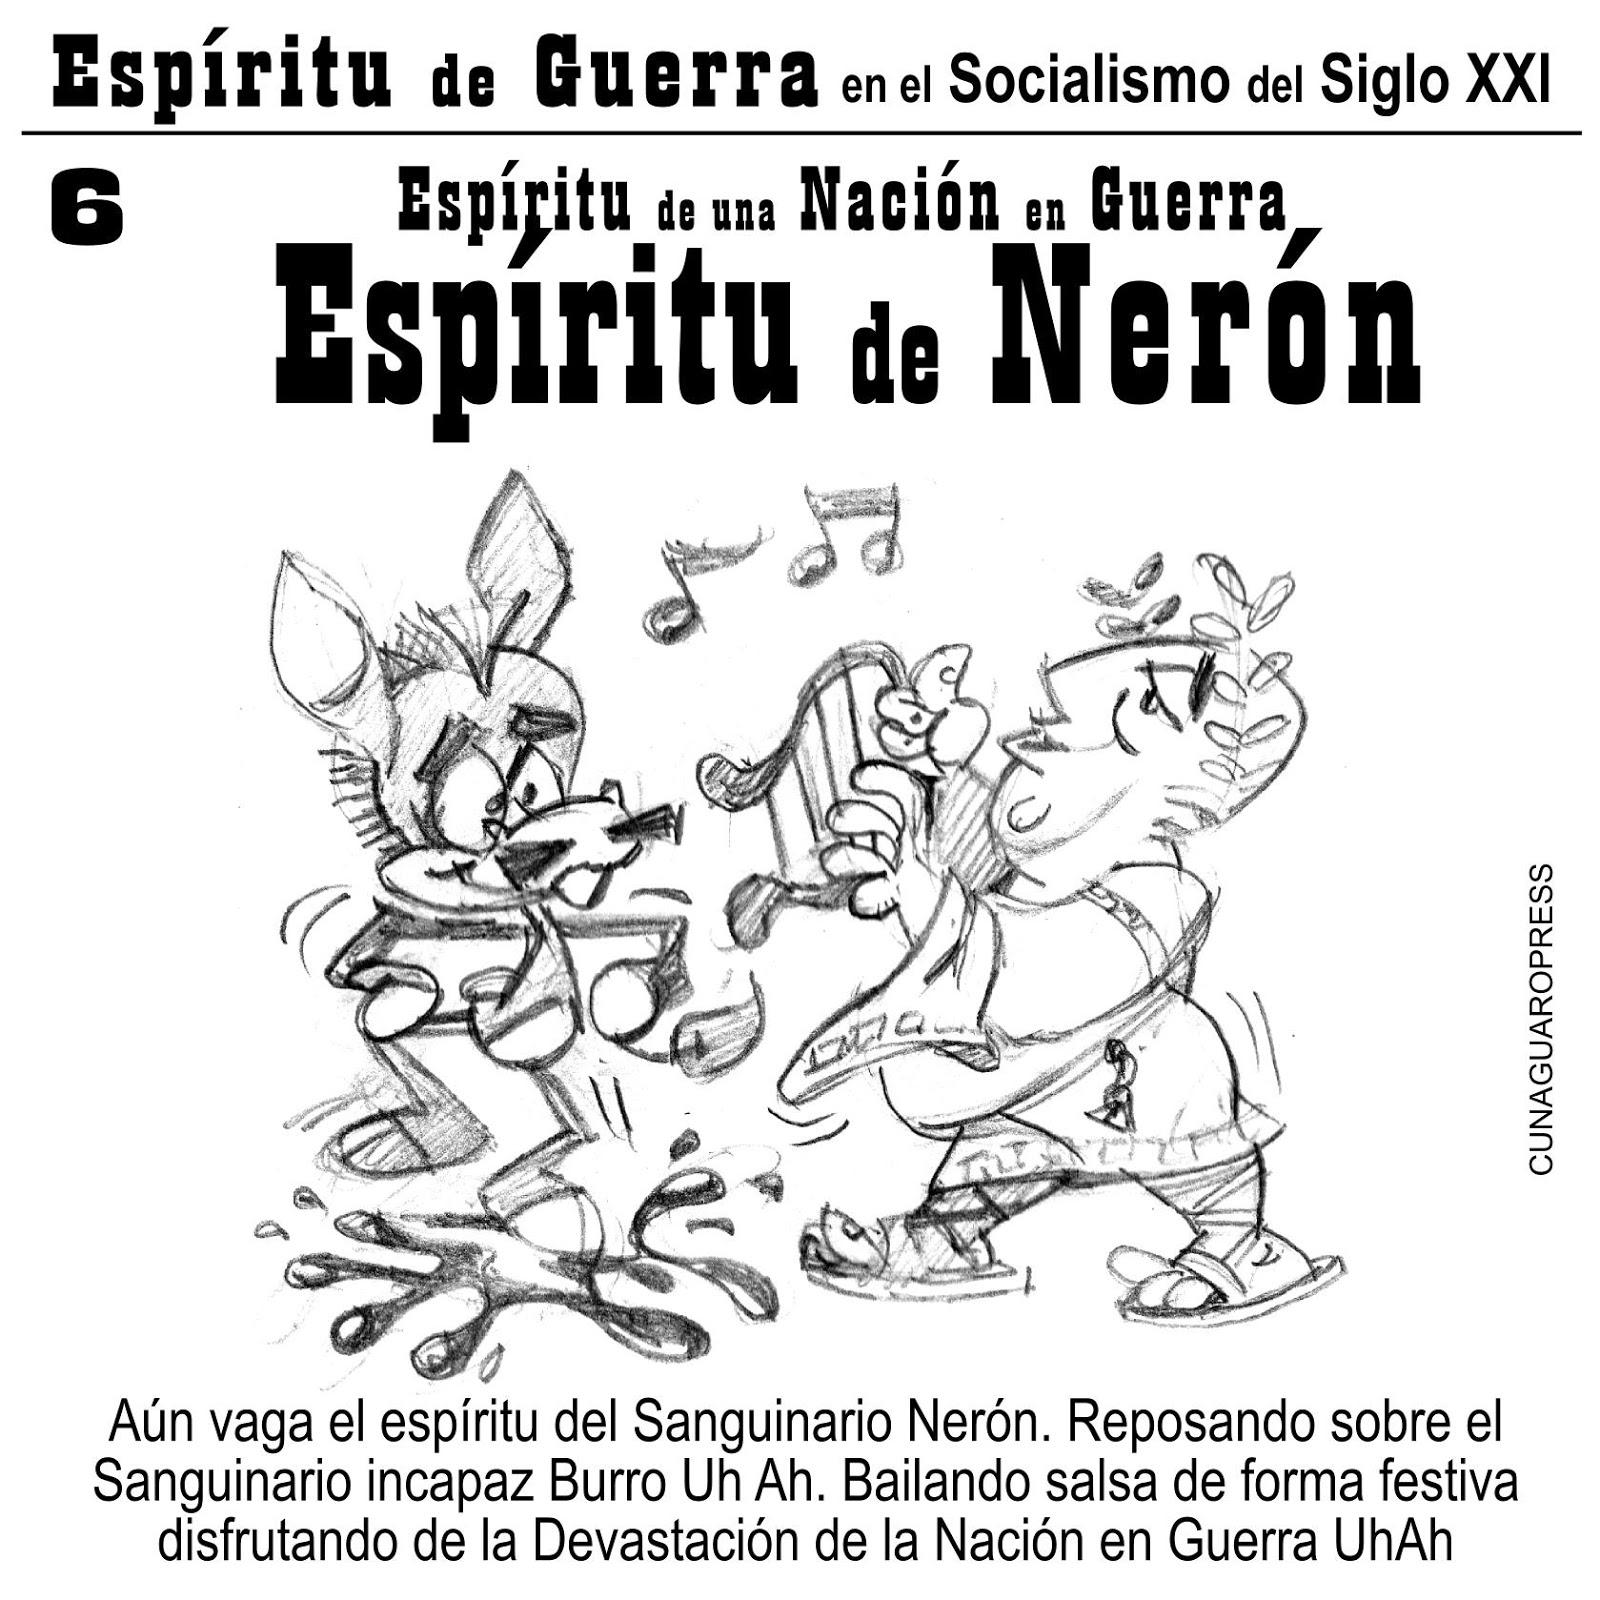 Cunaguaropress: Espíritu de una Nación en Guerra